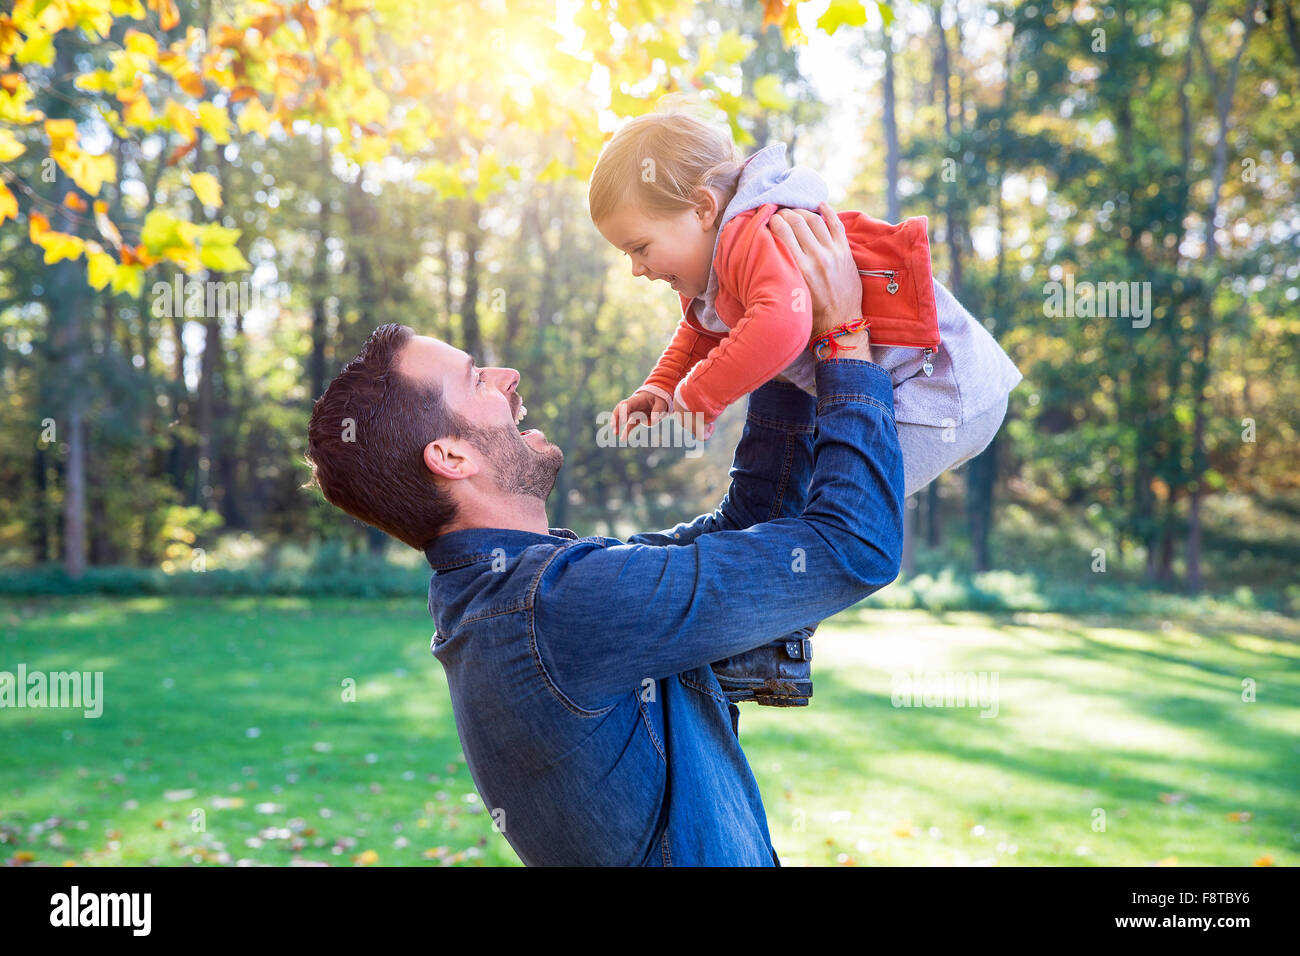 Vater mit seiner Tochter spielen Stockbild